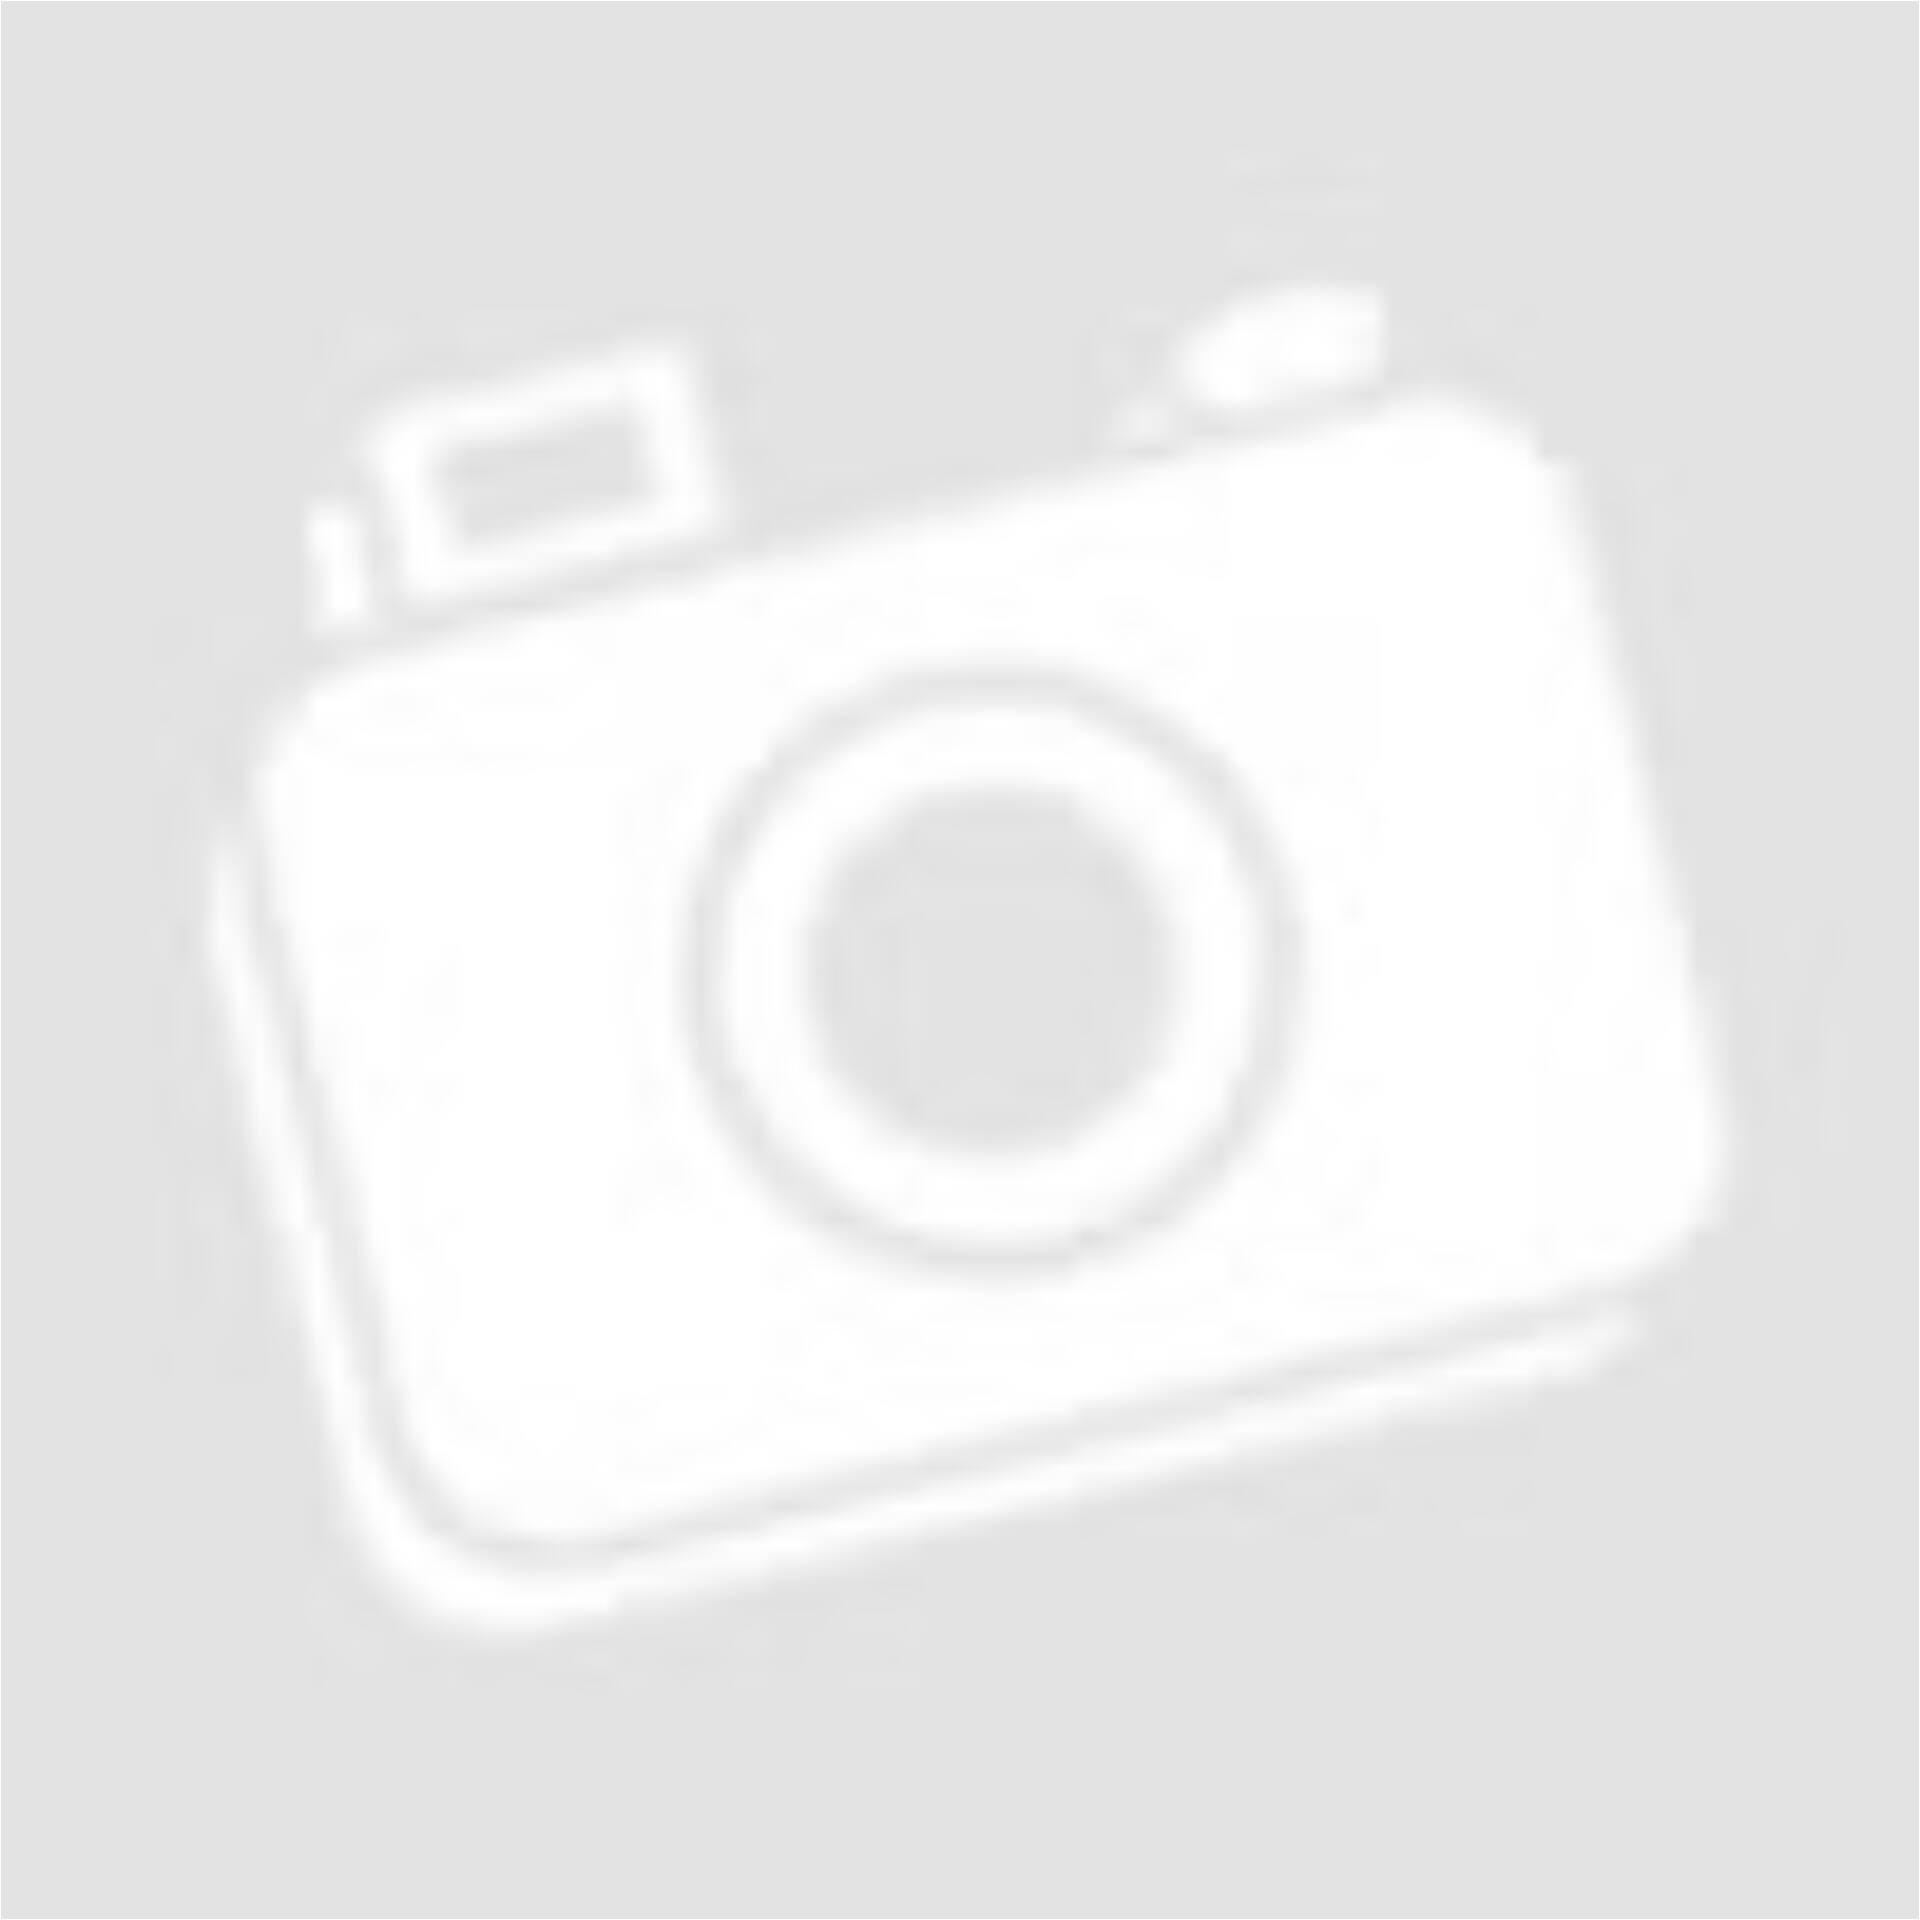 47fdd0cb0087 Y.TIMO kék mintás és pöttyös férfi ing (Méret: XL) - Ing - Öltözz ki ...